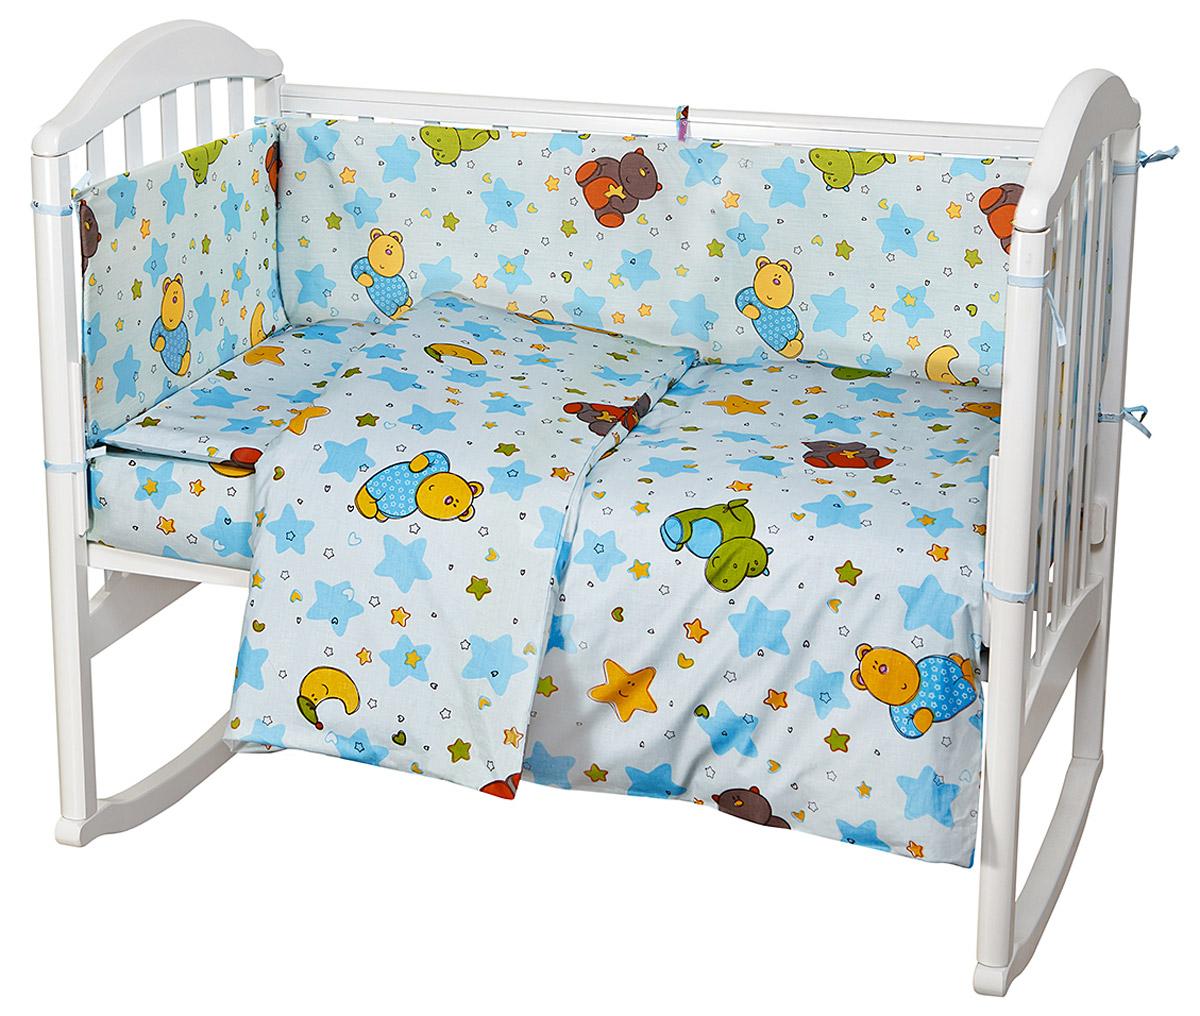 Baby Nice Детский комплект в кроватку Звездопад (КПБ, бязь, наволочка 40х60), цвет: голубойS03301004Комплект в кроватку Baby Nice Звездопад для самых маленьких изготовлен только из самой качественной ткани, самой безопасной и гигиеничной, самой экологичной и гипоаллергенной. Отлично подходит для кроваток малышей, которые часто двигаются во сне. Хлопковое волокно прекрасно переносит стирку, быстро сохнет и не требует особого ухода, не линяет и не вытягивается. Ткань прошла специальную обработку по умягчению, что сделало её невероятно мягкой и приятной к телу. Комплект создаст дополнительный комфорт и уют ребенку. Родителям не составит особого труда ухаживать за комплектом. Он превосходно стирается, легко гладится. Ваш малыш будет в восторге от такого необыкновенного постельного набора! В комплект входит: одеяло, пододеяльник, подушка, наволочка, простынь на резинке, 4 борта.